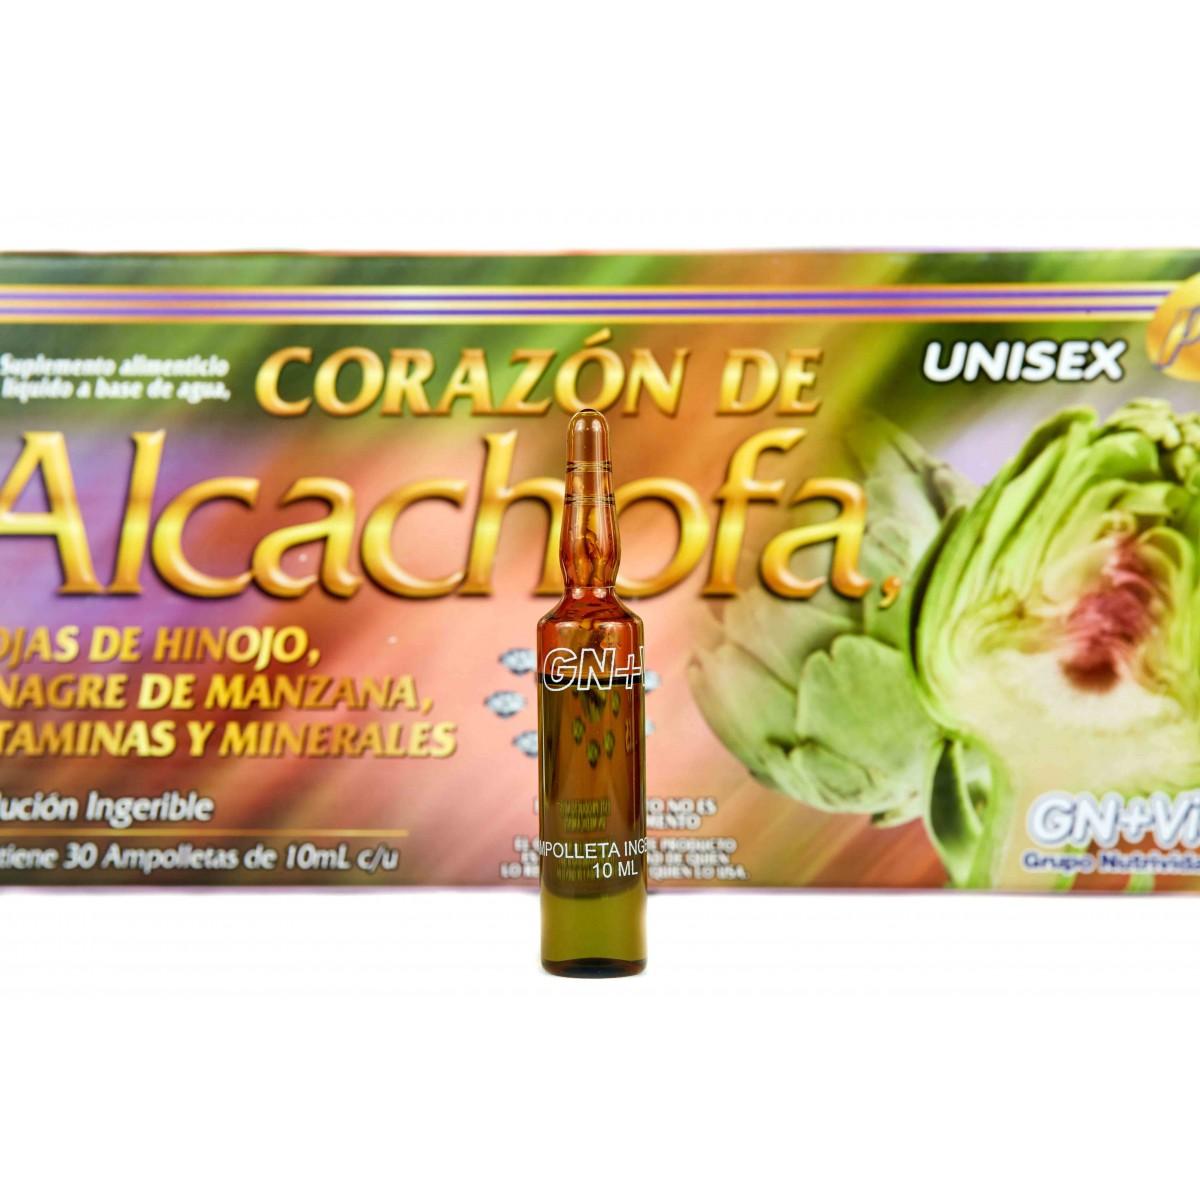 Remedio para bajar de peso con alcachofa in english